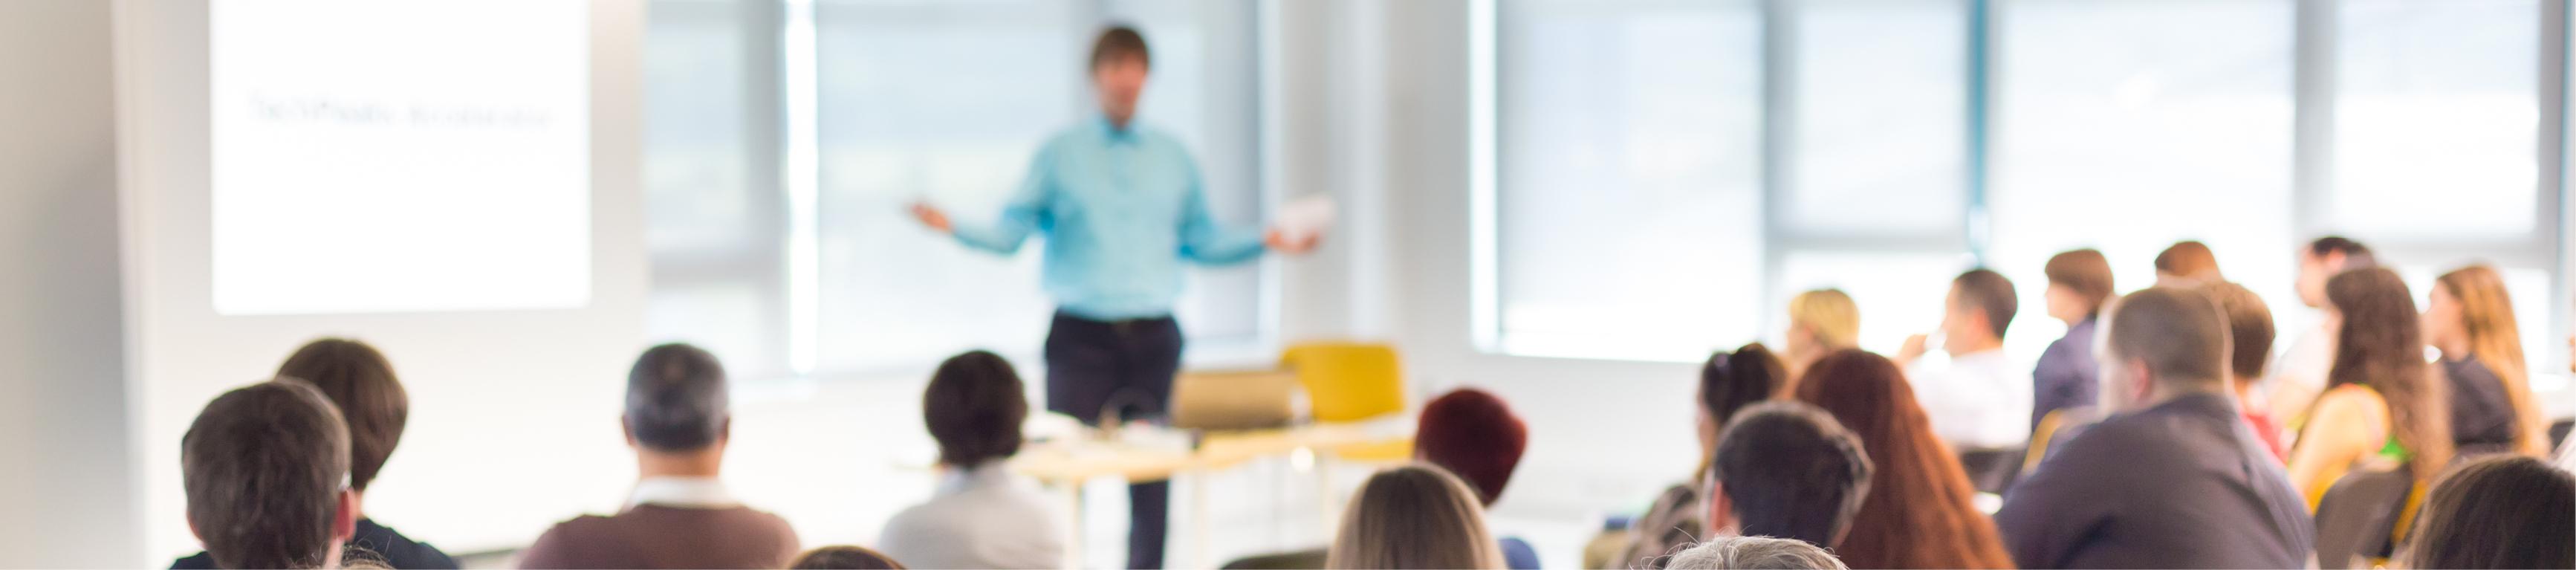 Training-Arbeidstoeleiding-Van-visie-naar-verandering